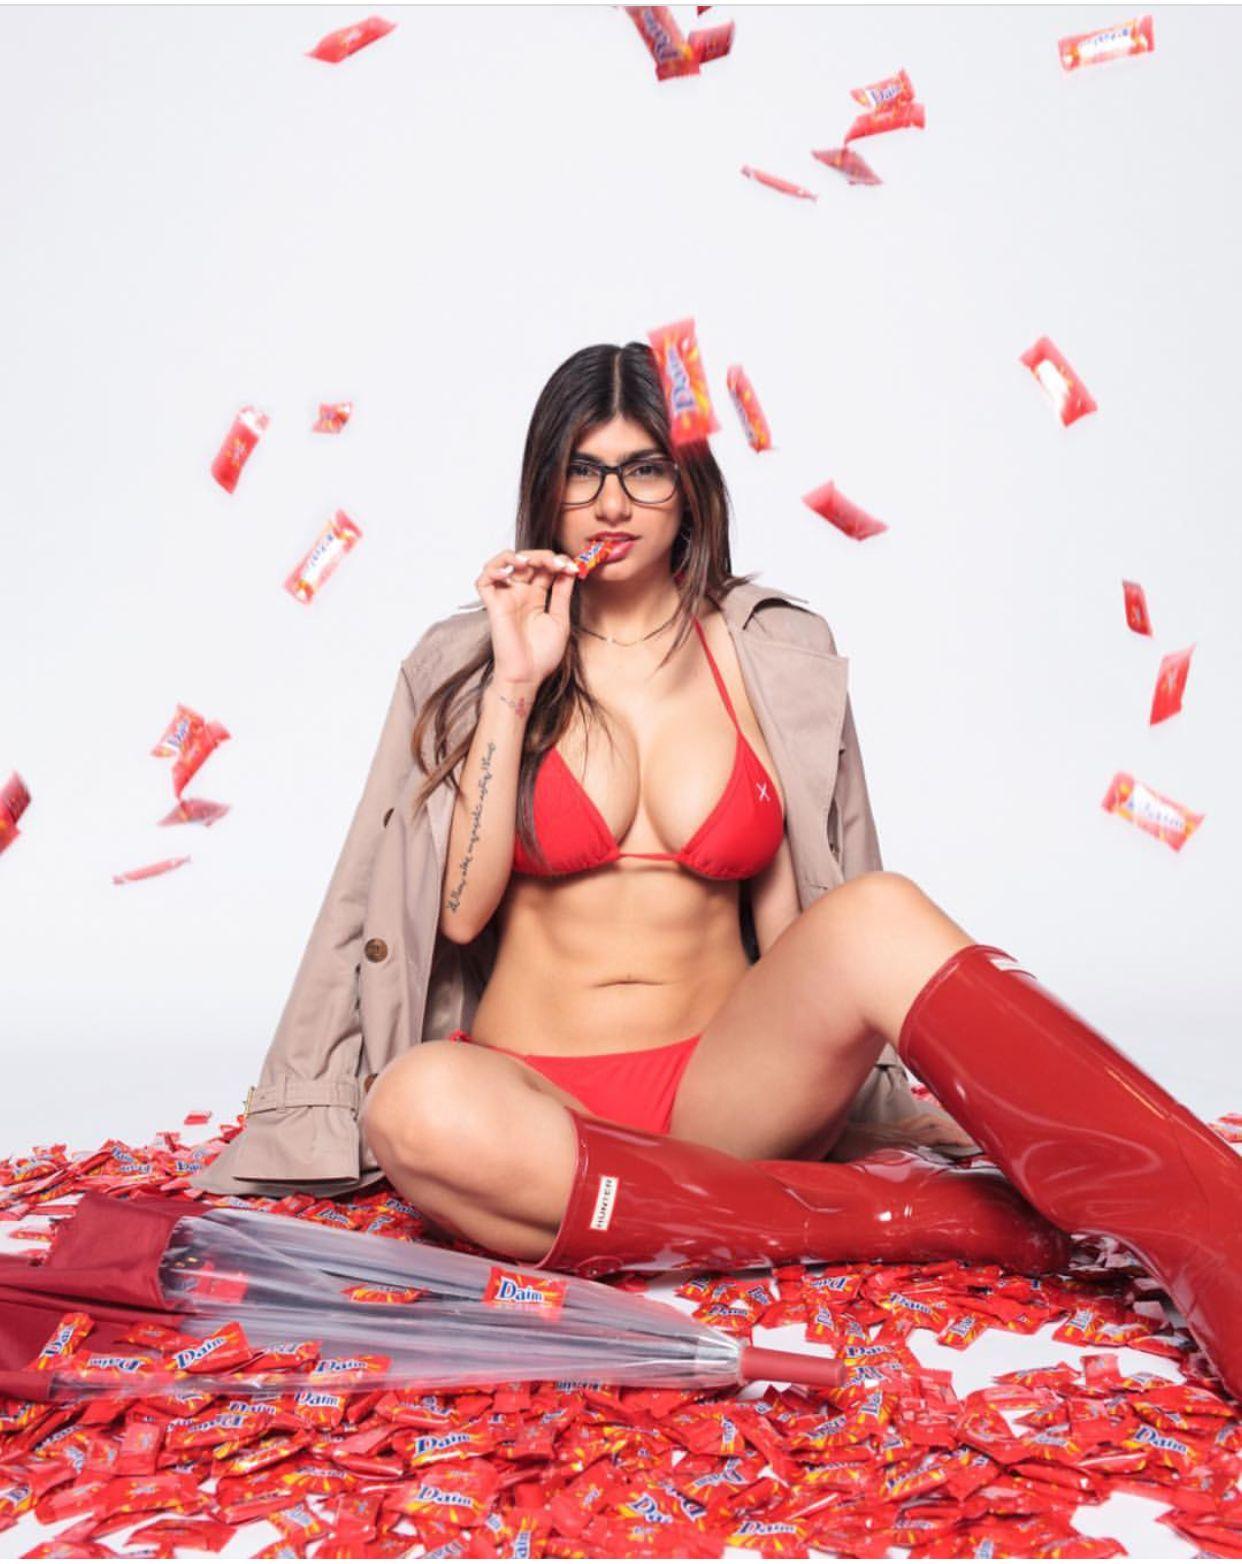 asin hot bikini